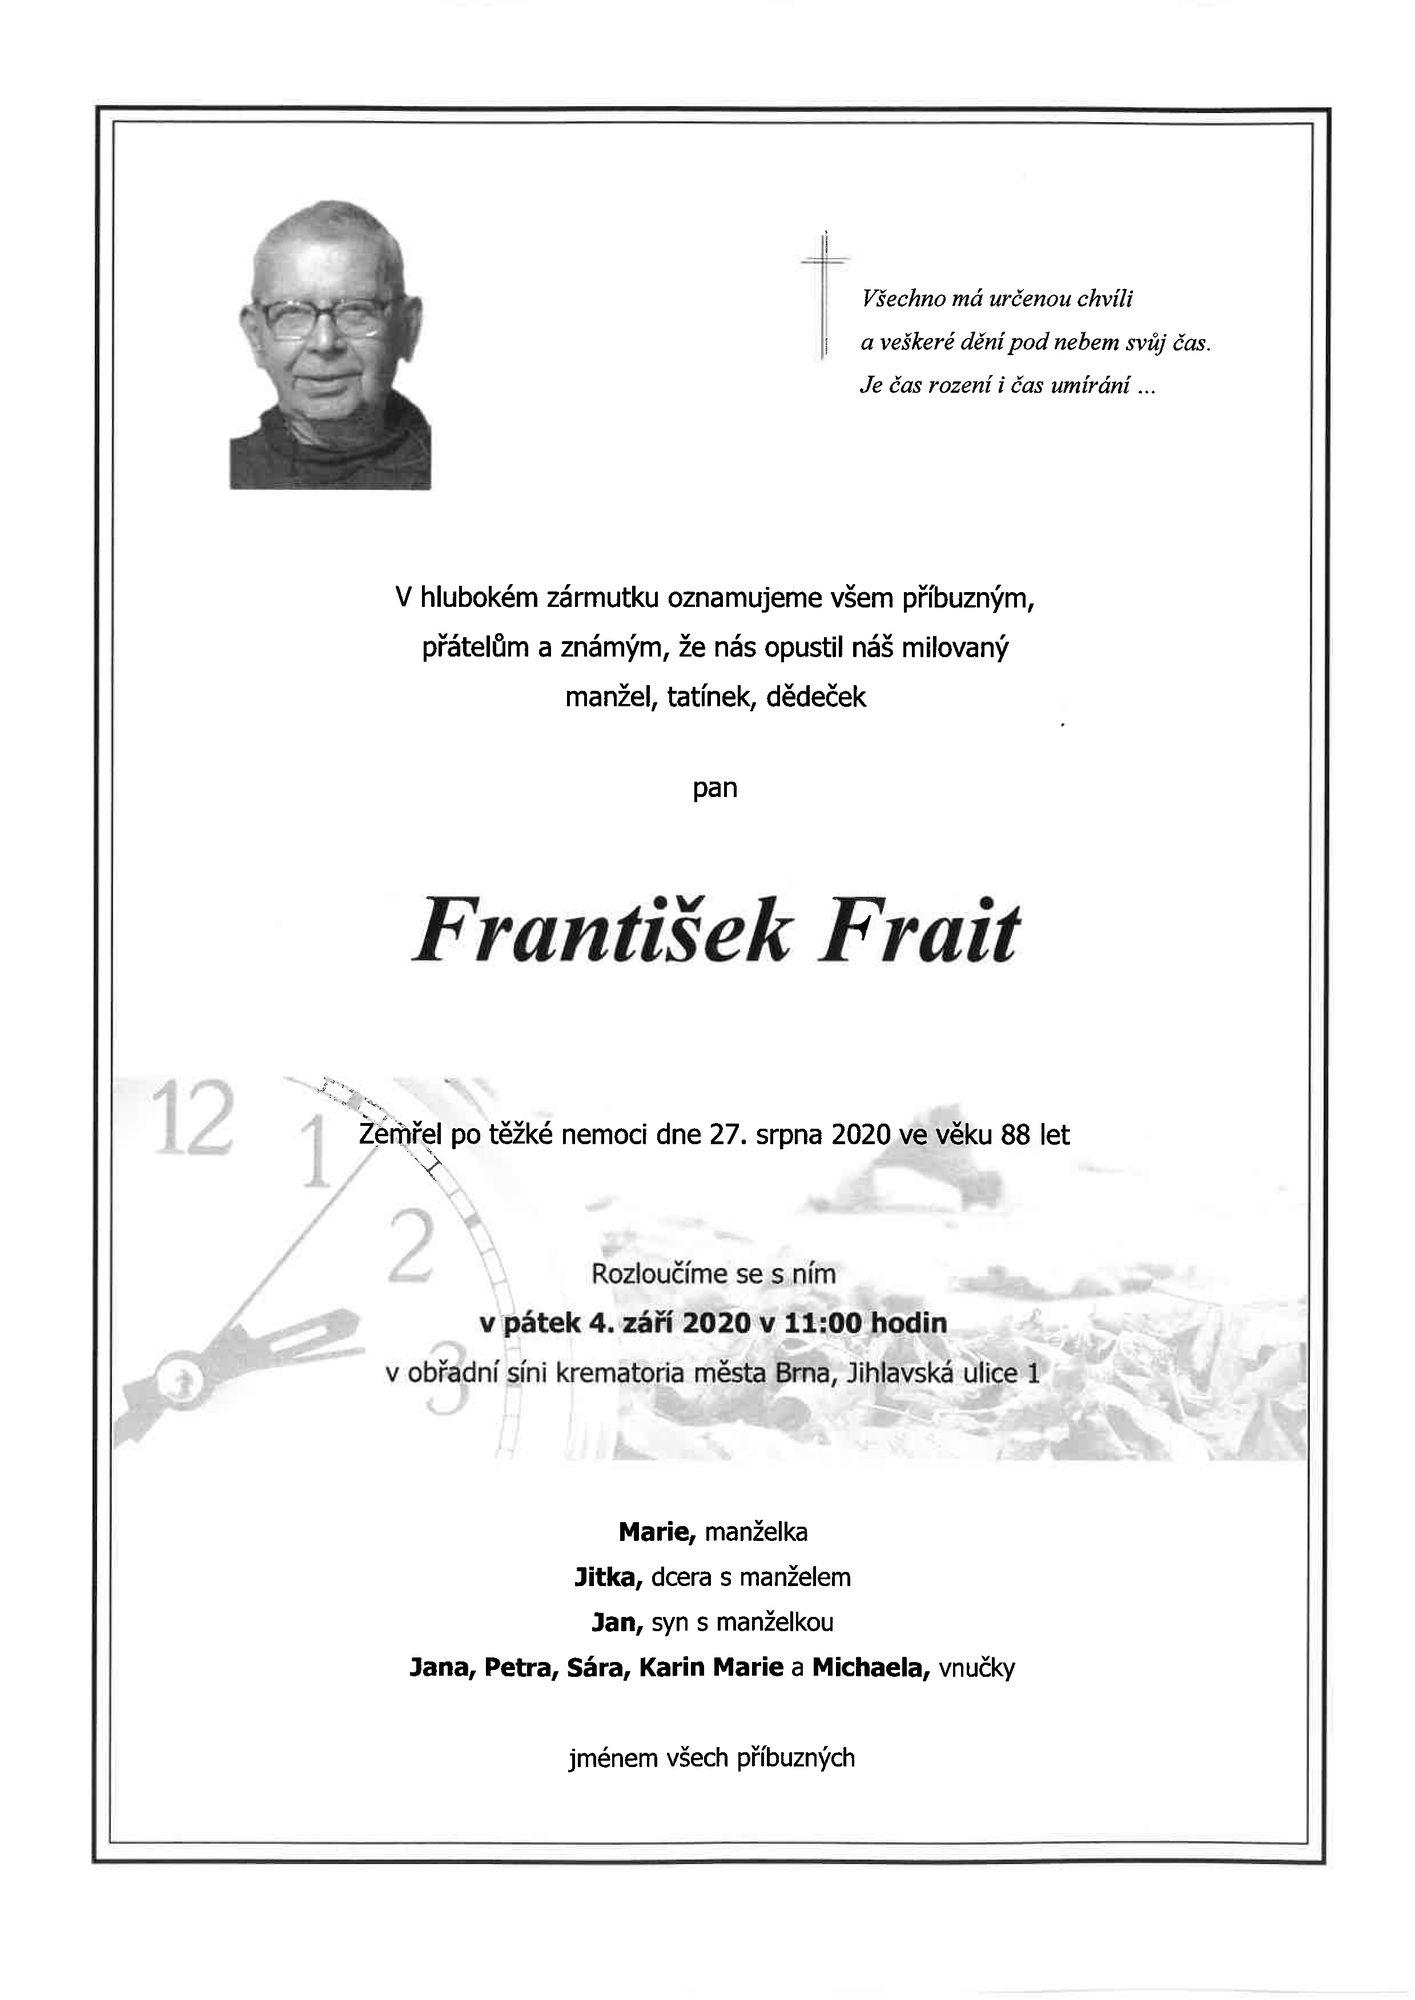 František Frait